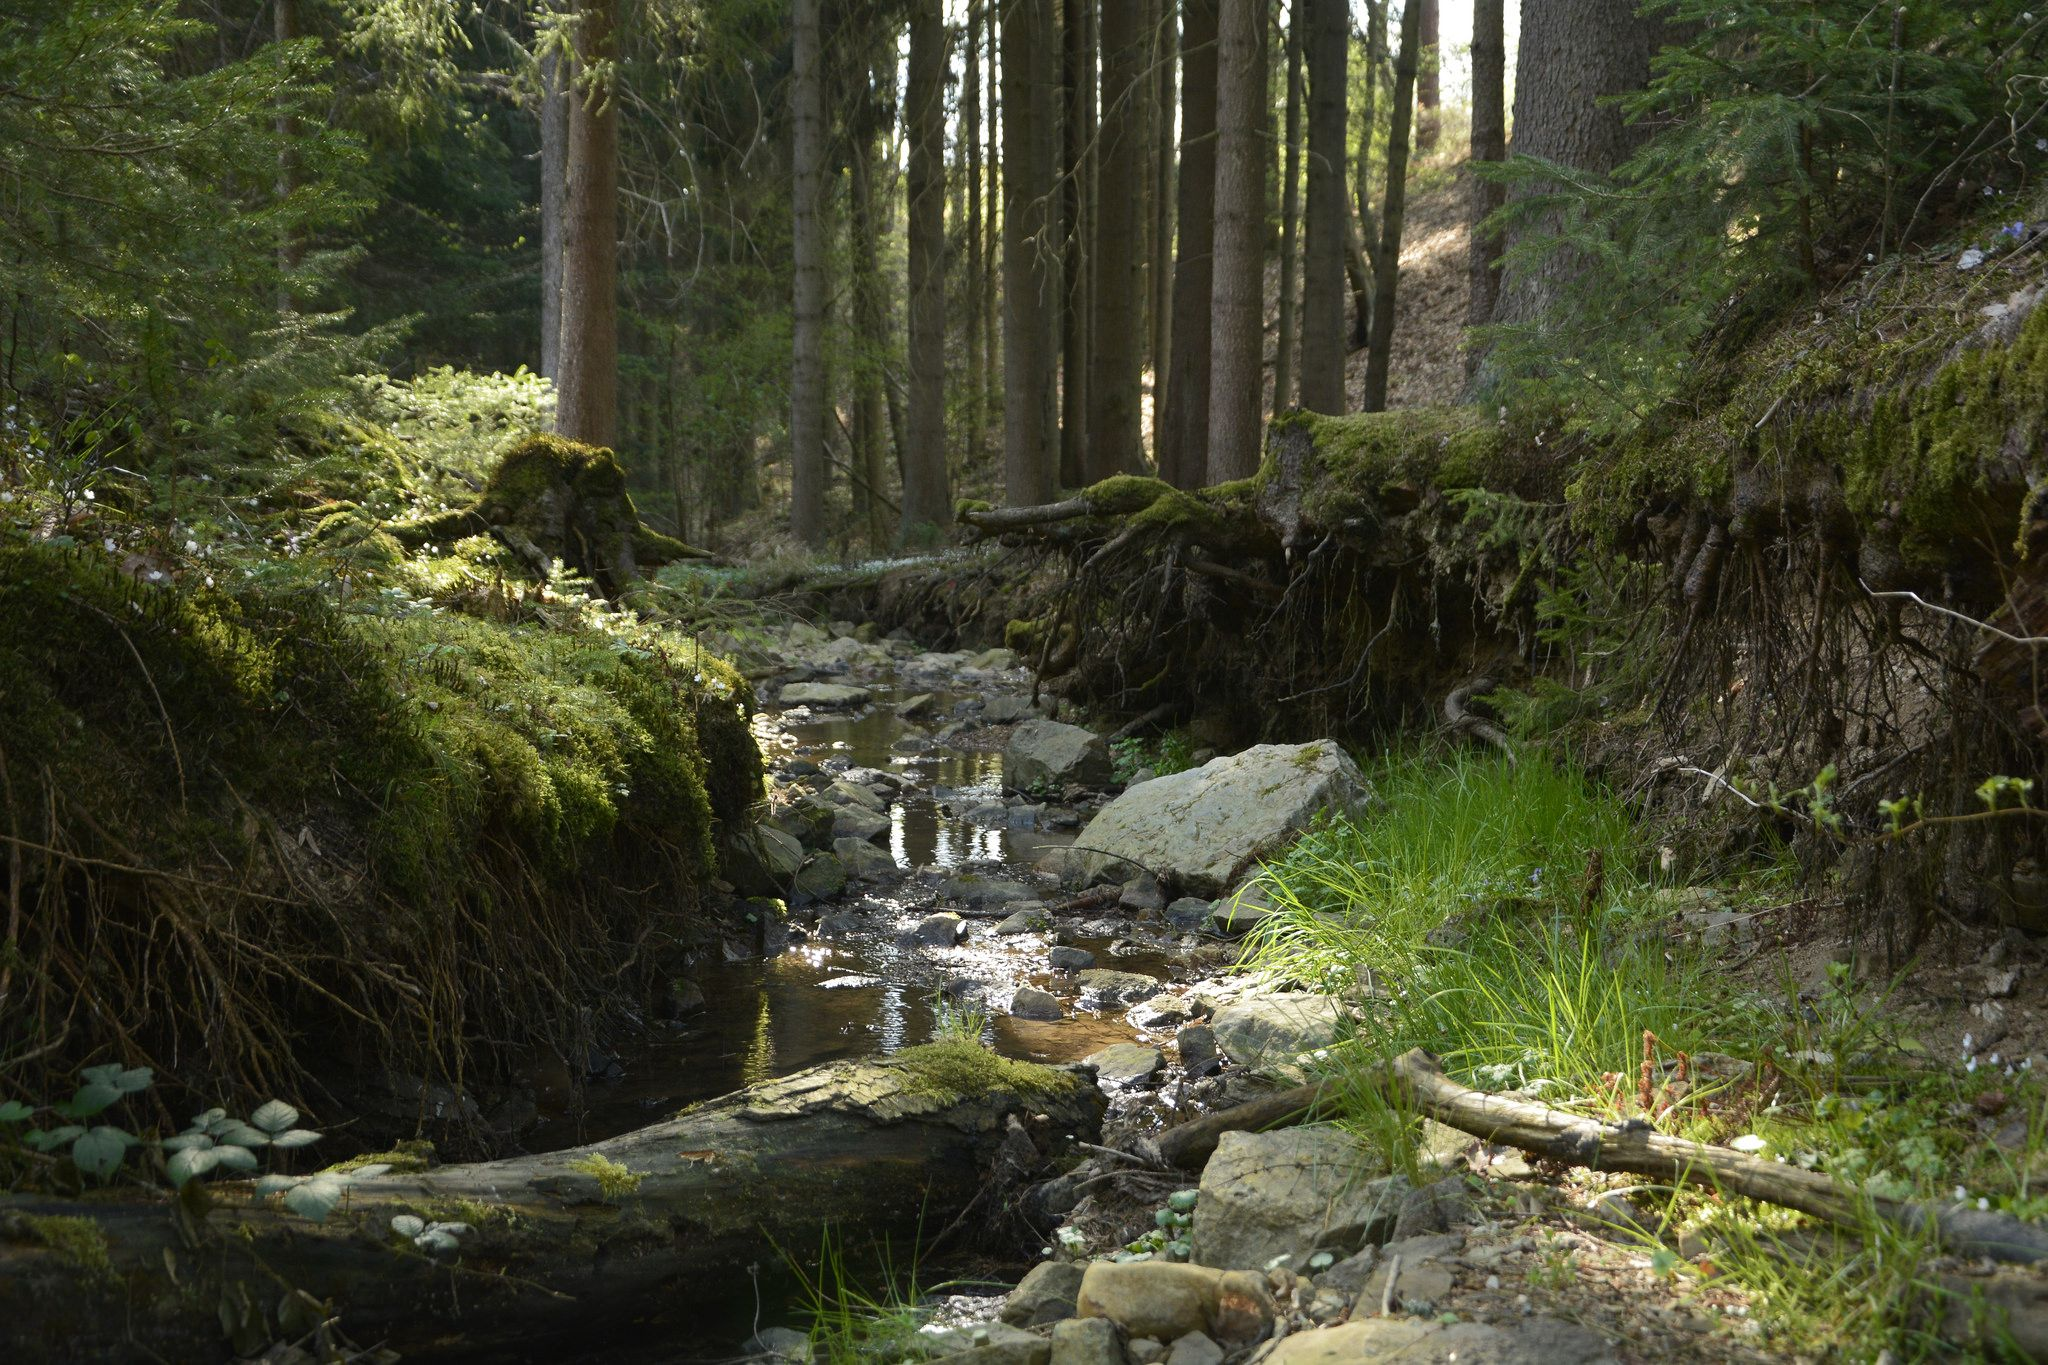 https://flic.kr/p/nkJYSz   (PA0445) Western European broadleaf forests   (PA0445) Western European broadleaf forests